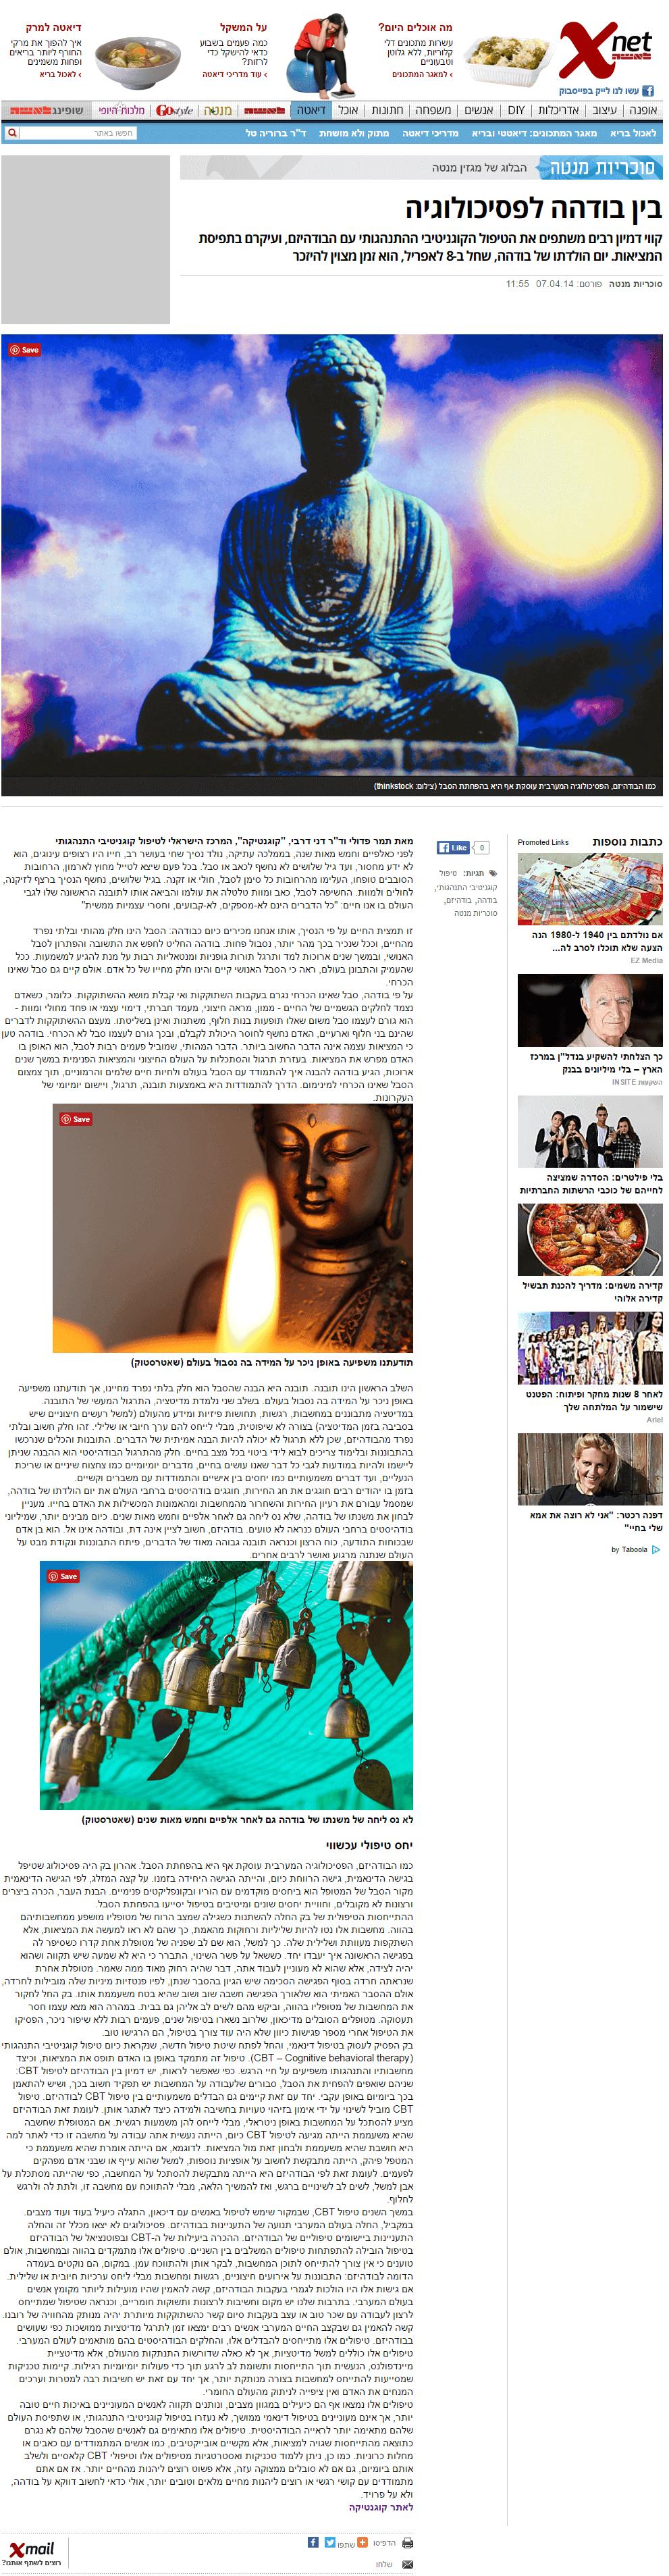 בין בודהה לפסיכולוגיה